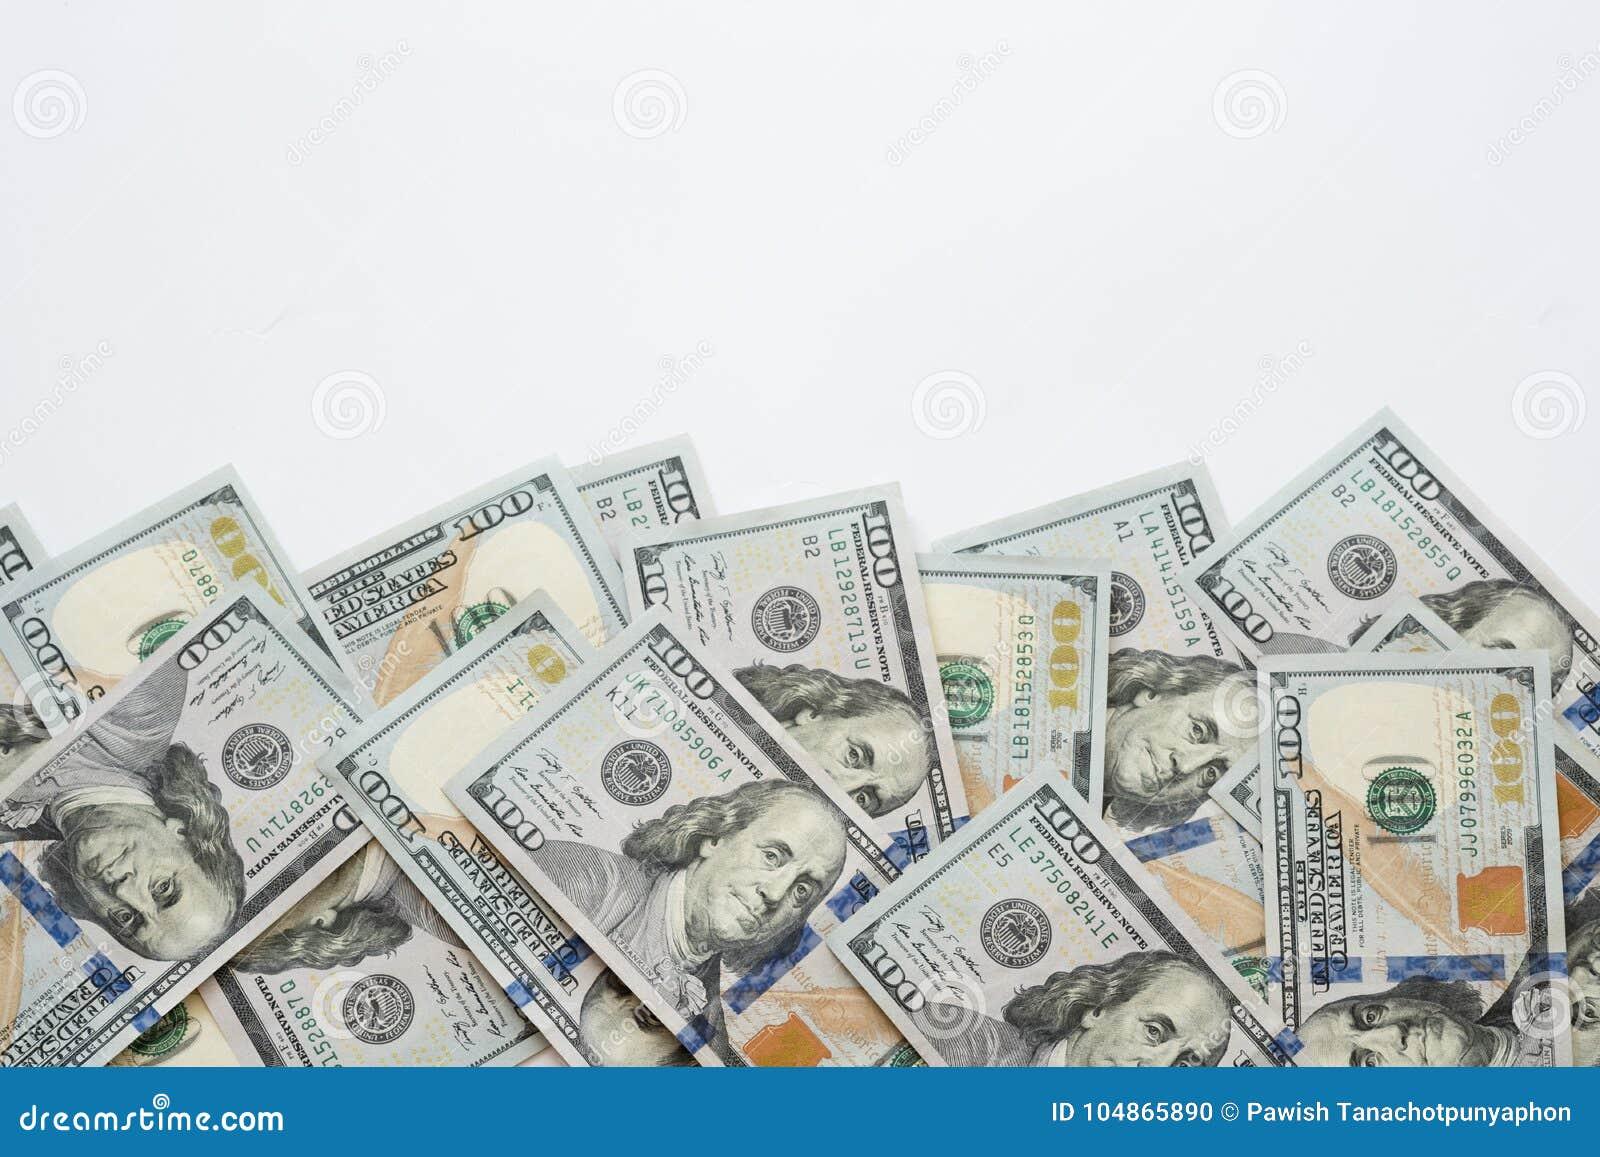 Pile of one hundred US Dollar Bills money on white back